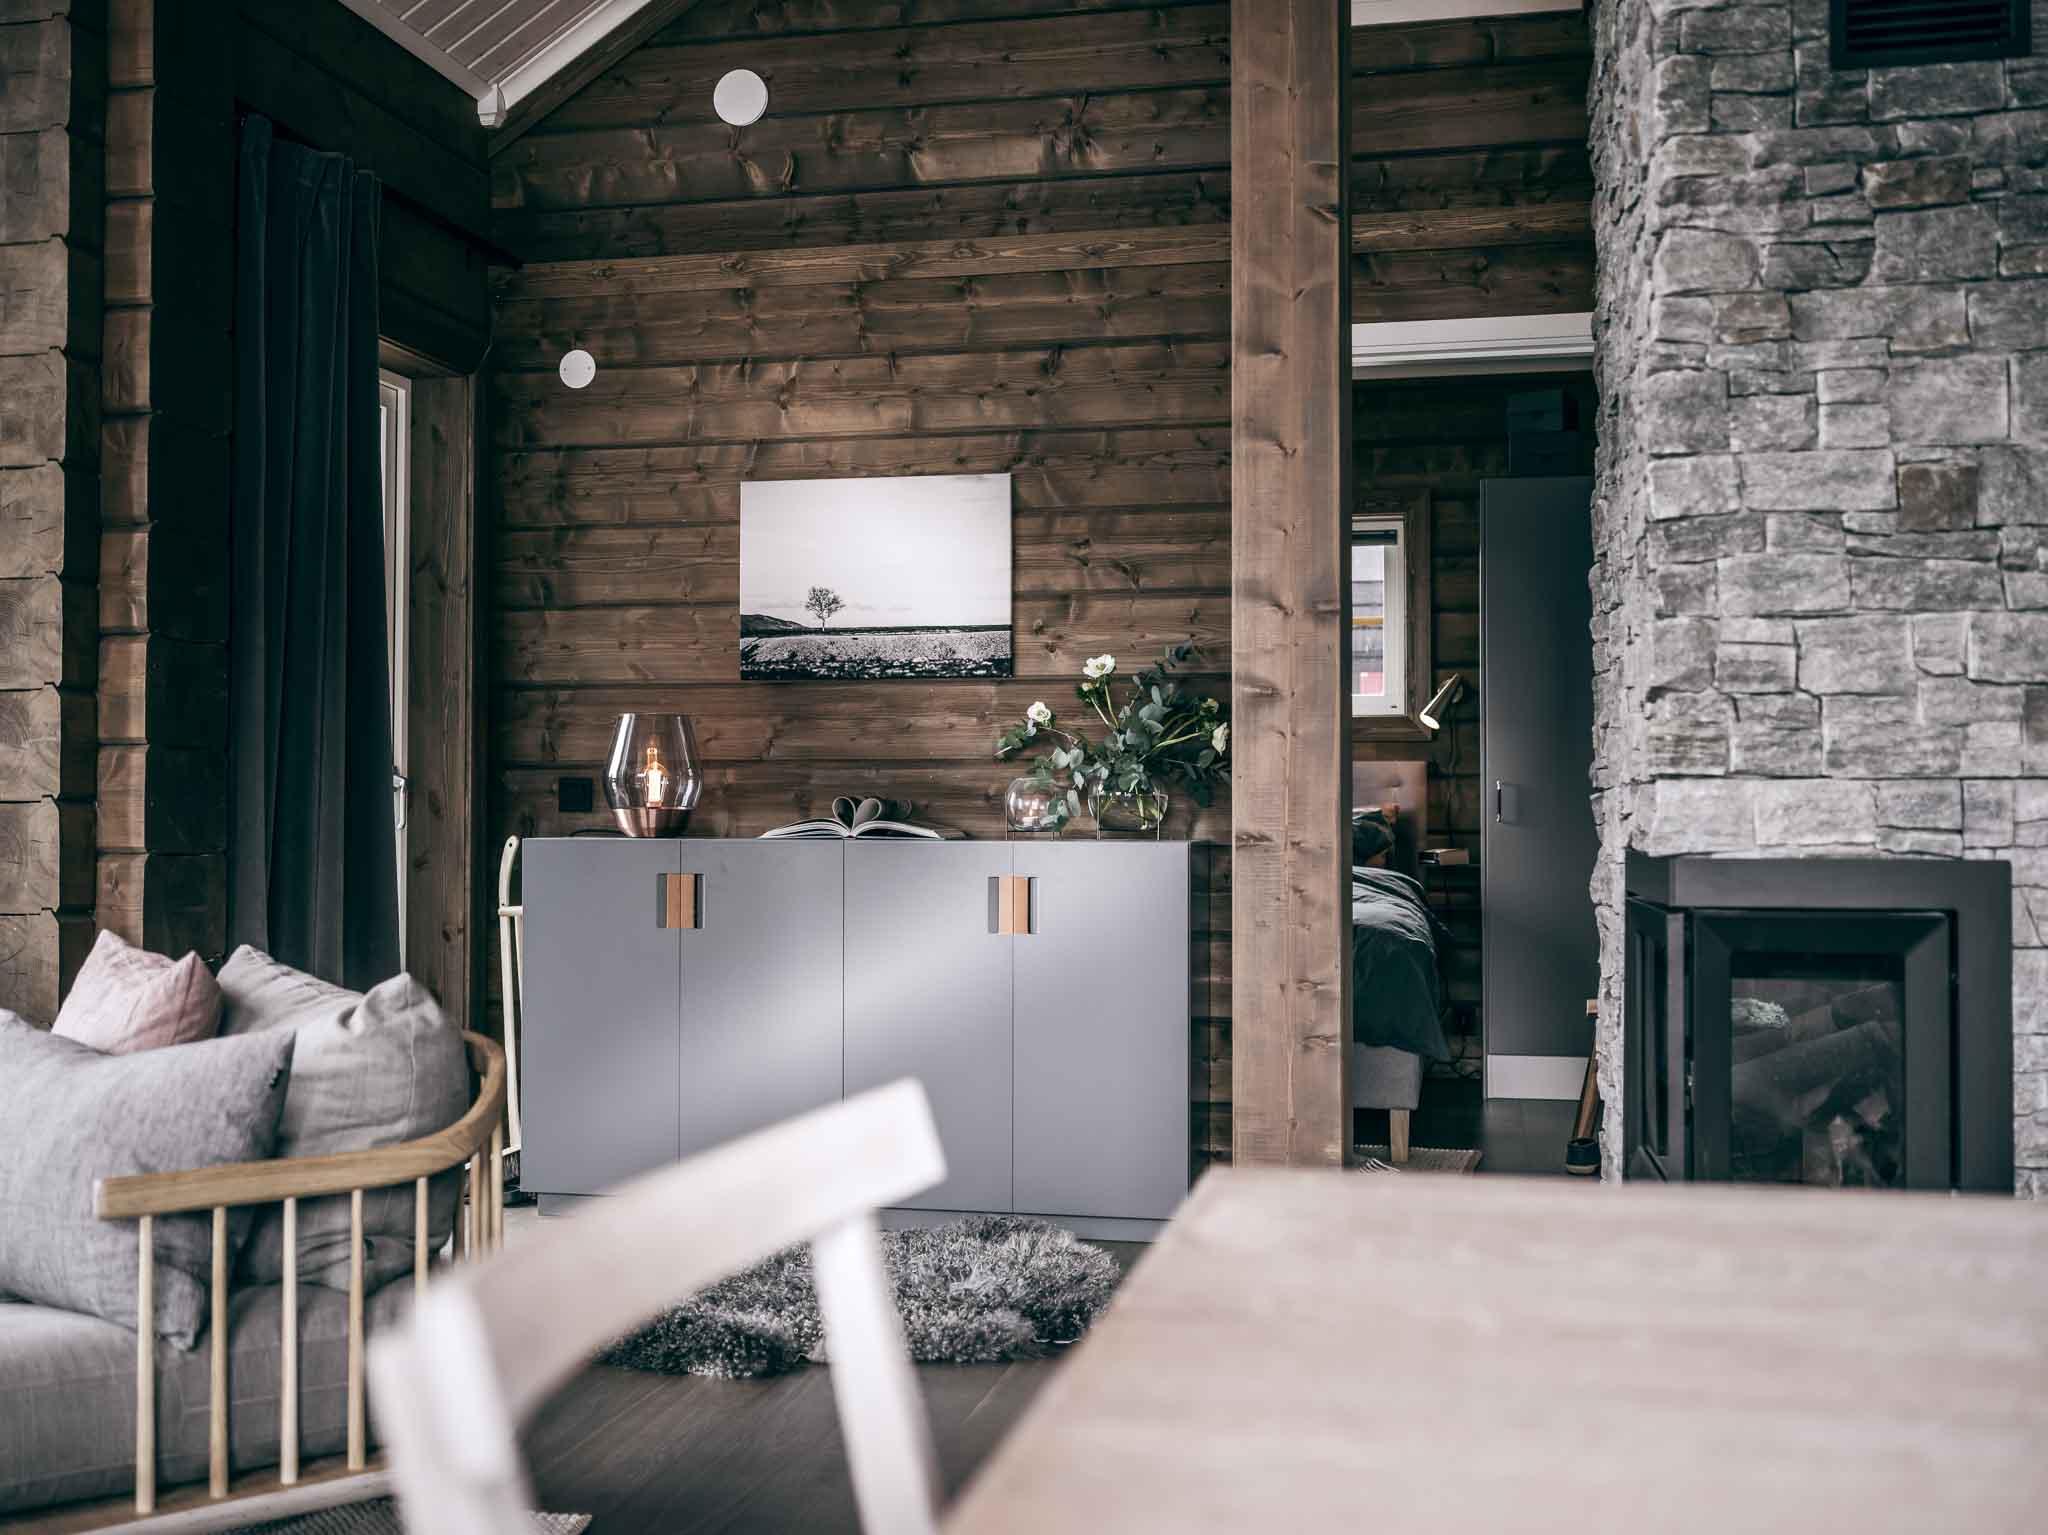 Edbau inredning - interiör, inredning, fritidshus, inredare Åre